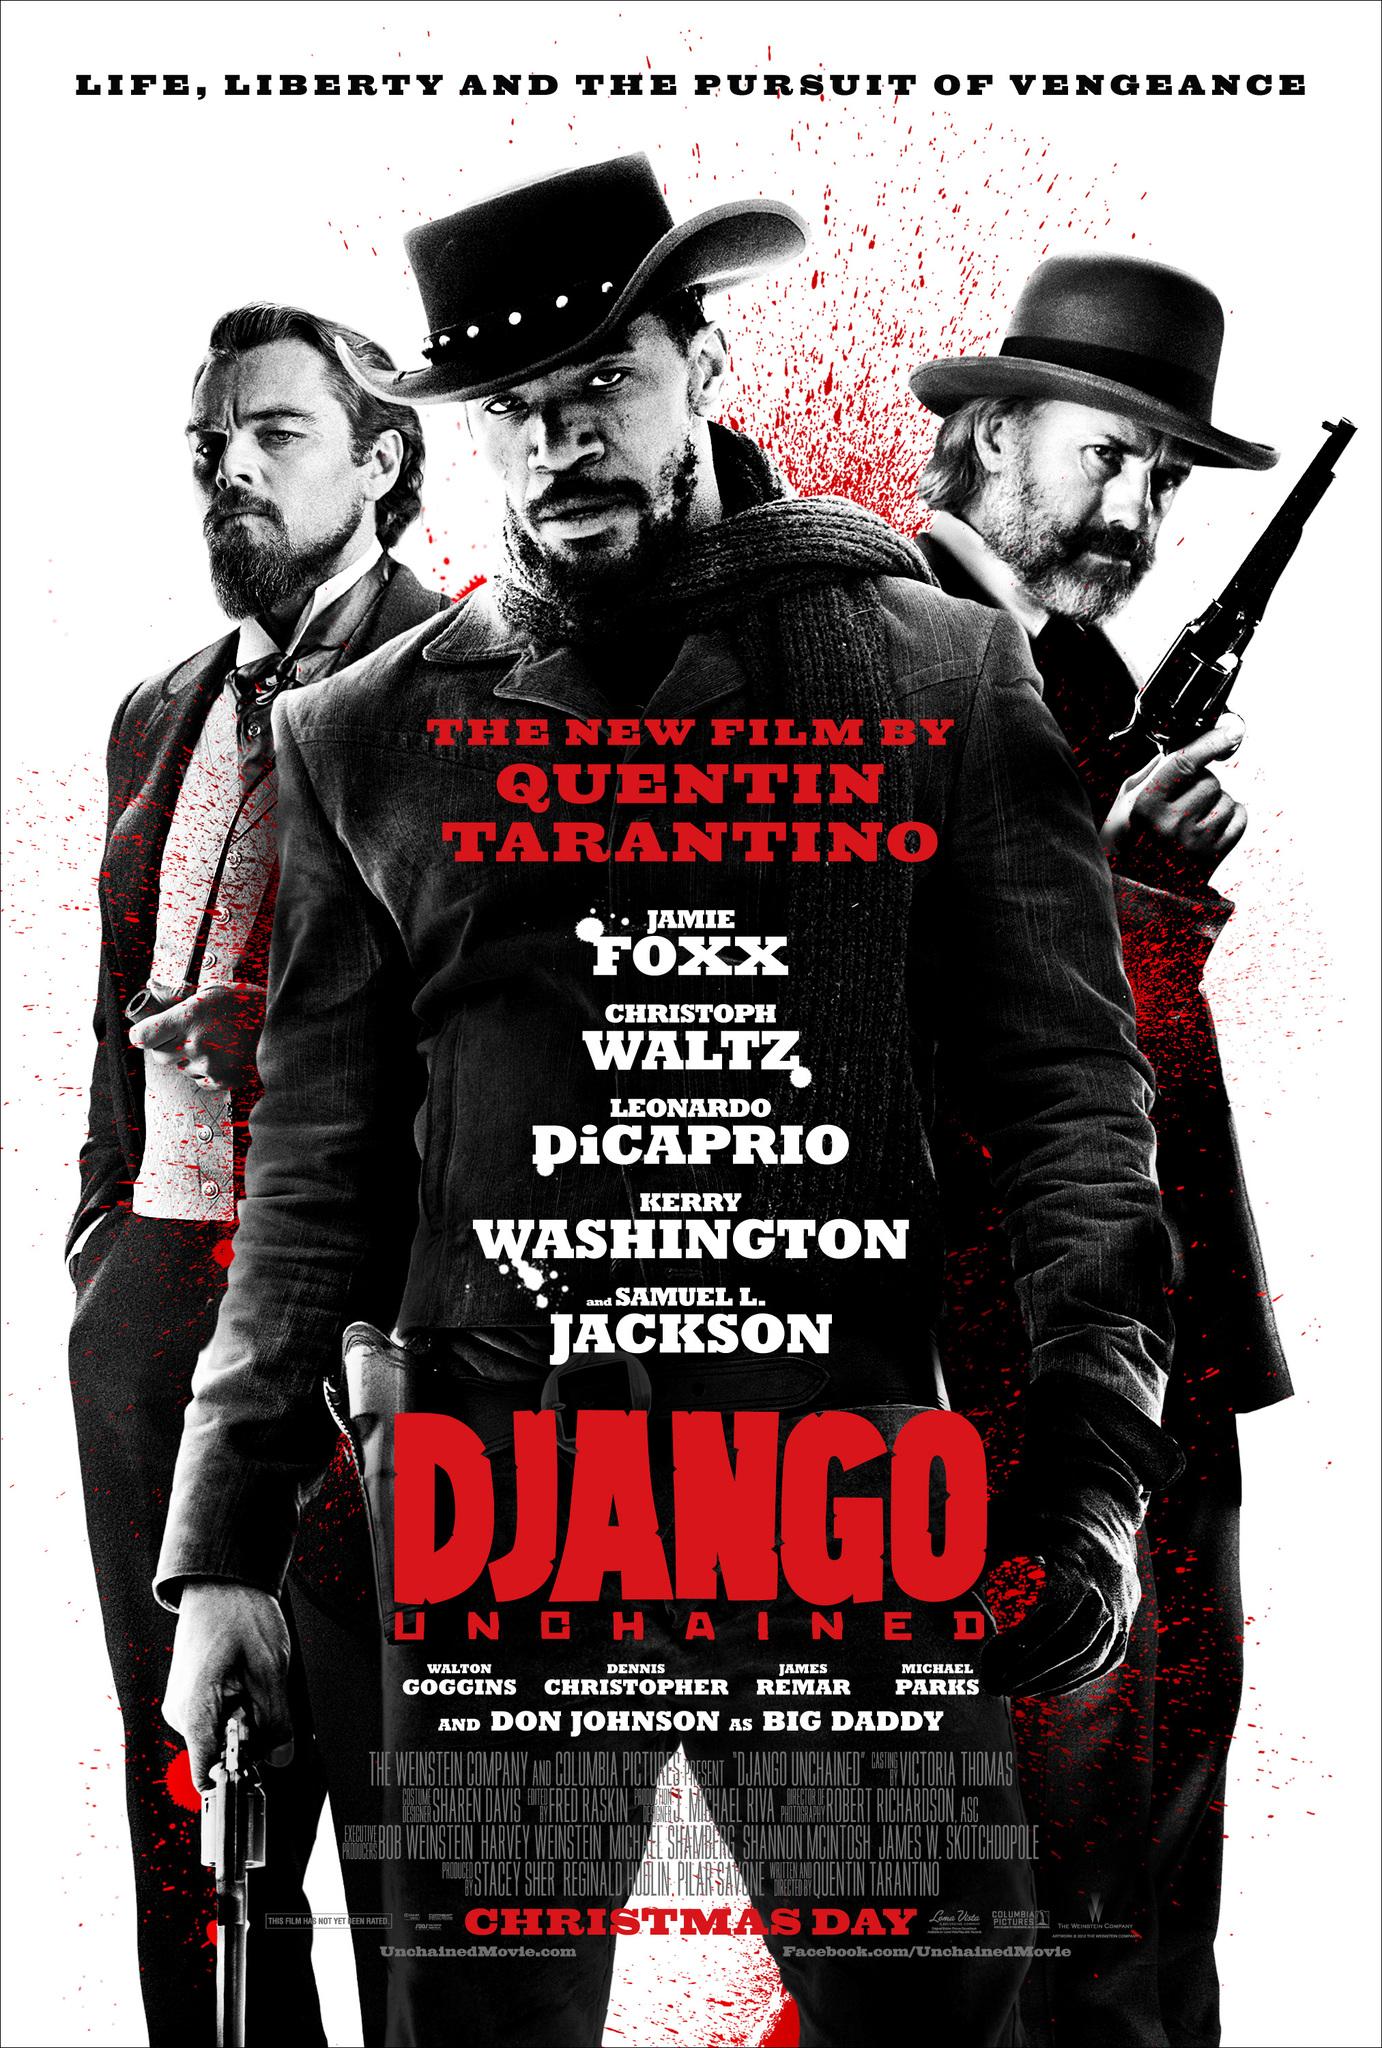 دانلود فیلمDjango Unchained 2012 با دوبله فارسی